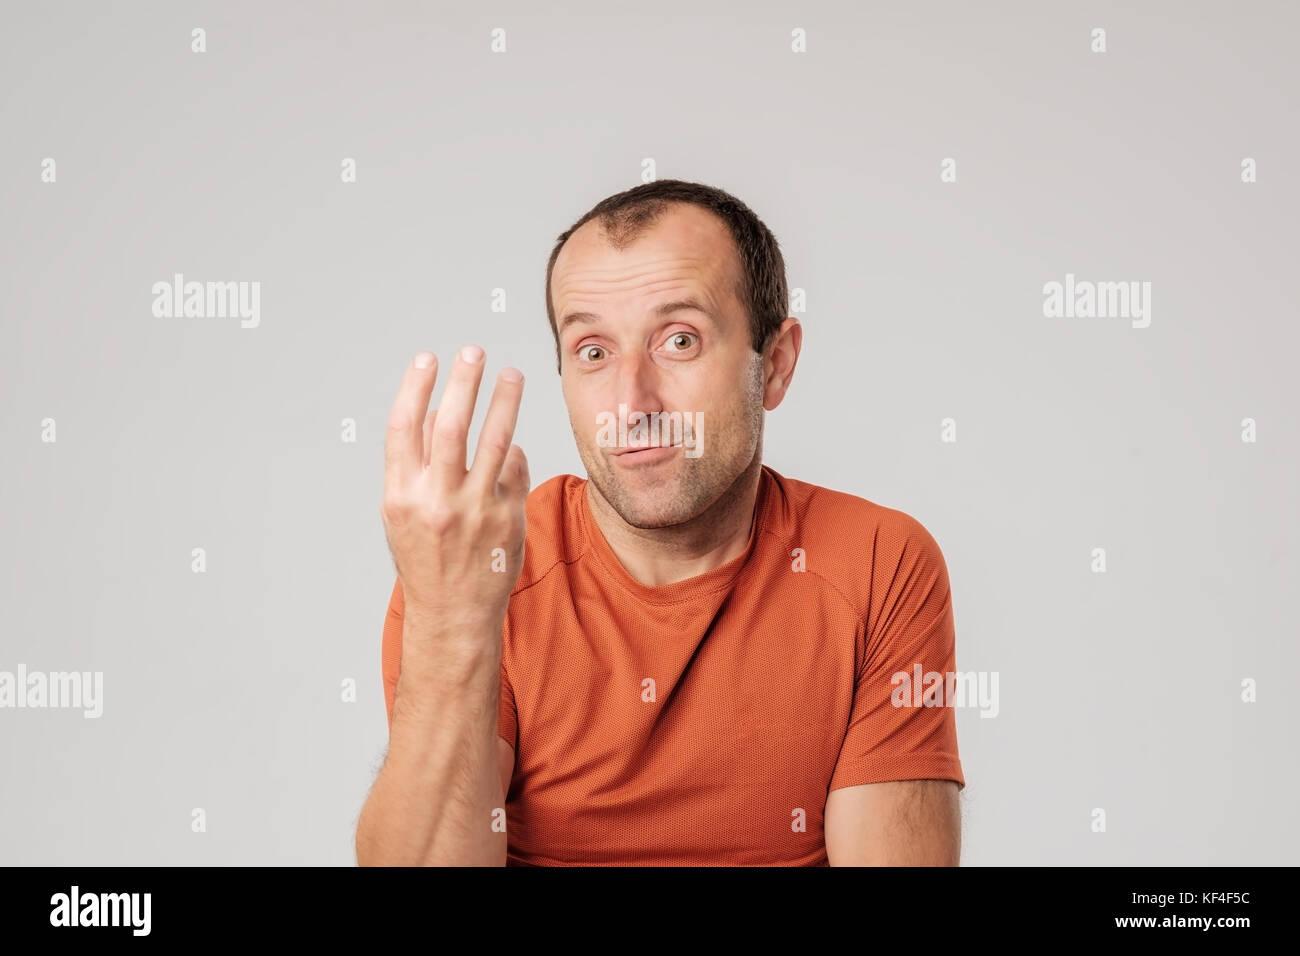 Un adulto hombre español en una camiseta naranja mostrando tres fongers en duda. Mira la cámara en desconcierto Imagen De Stock